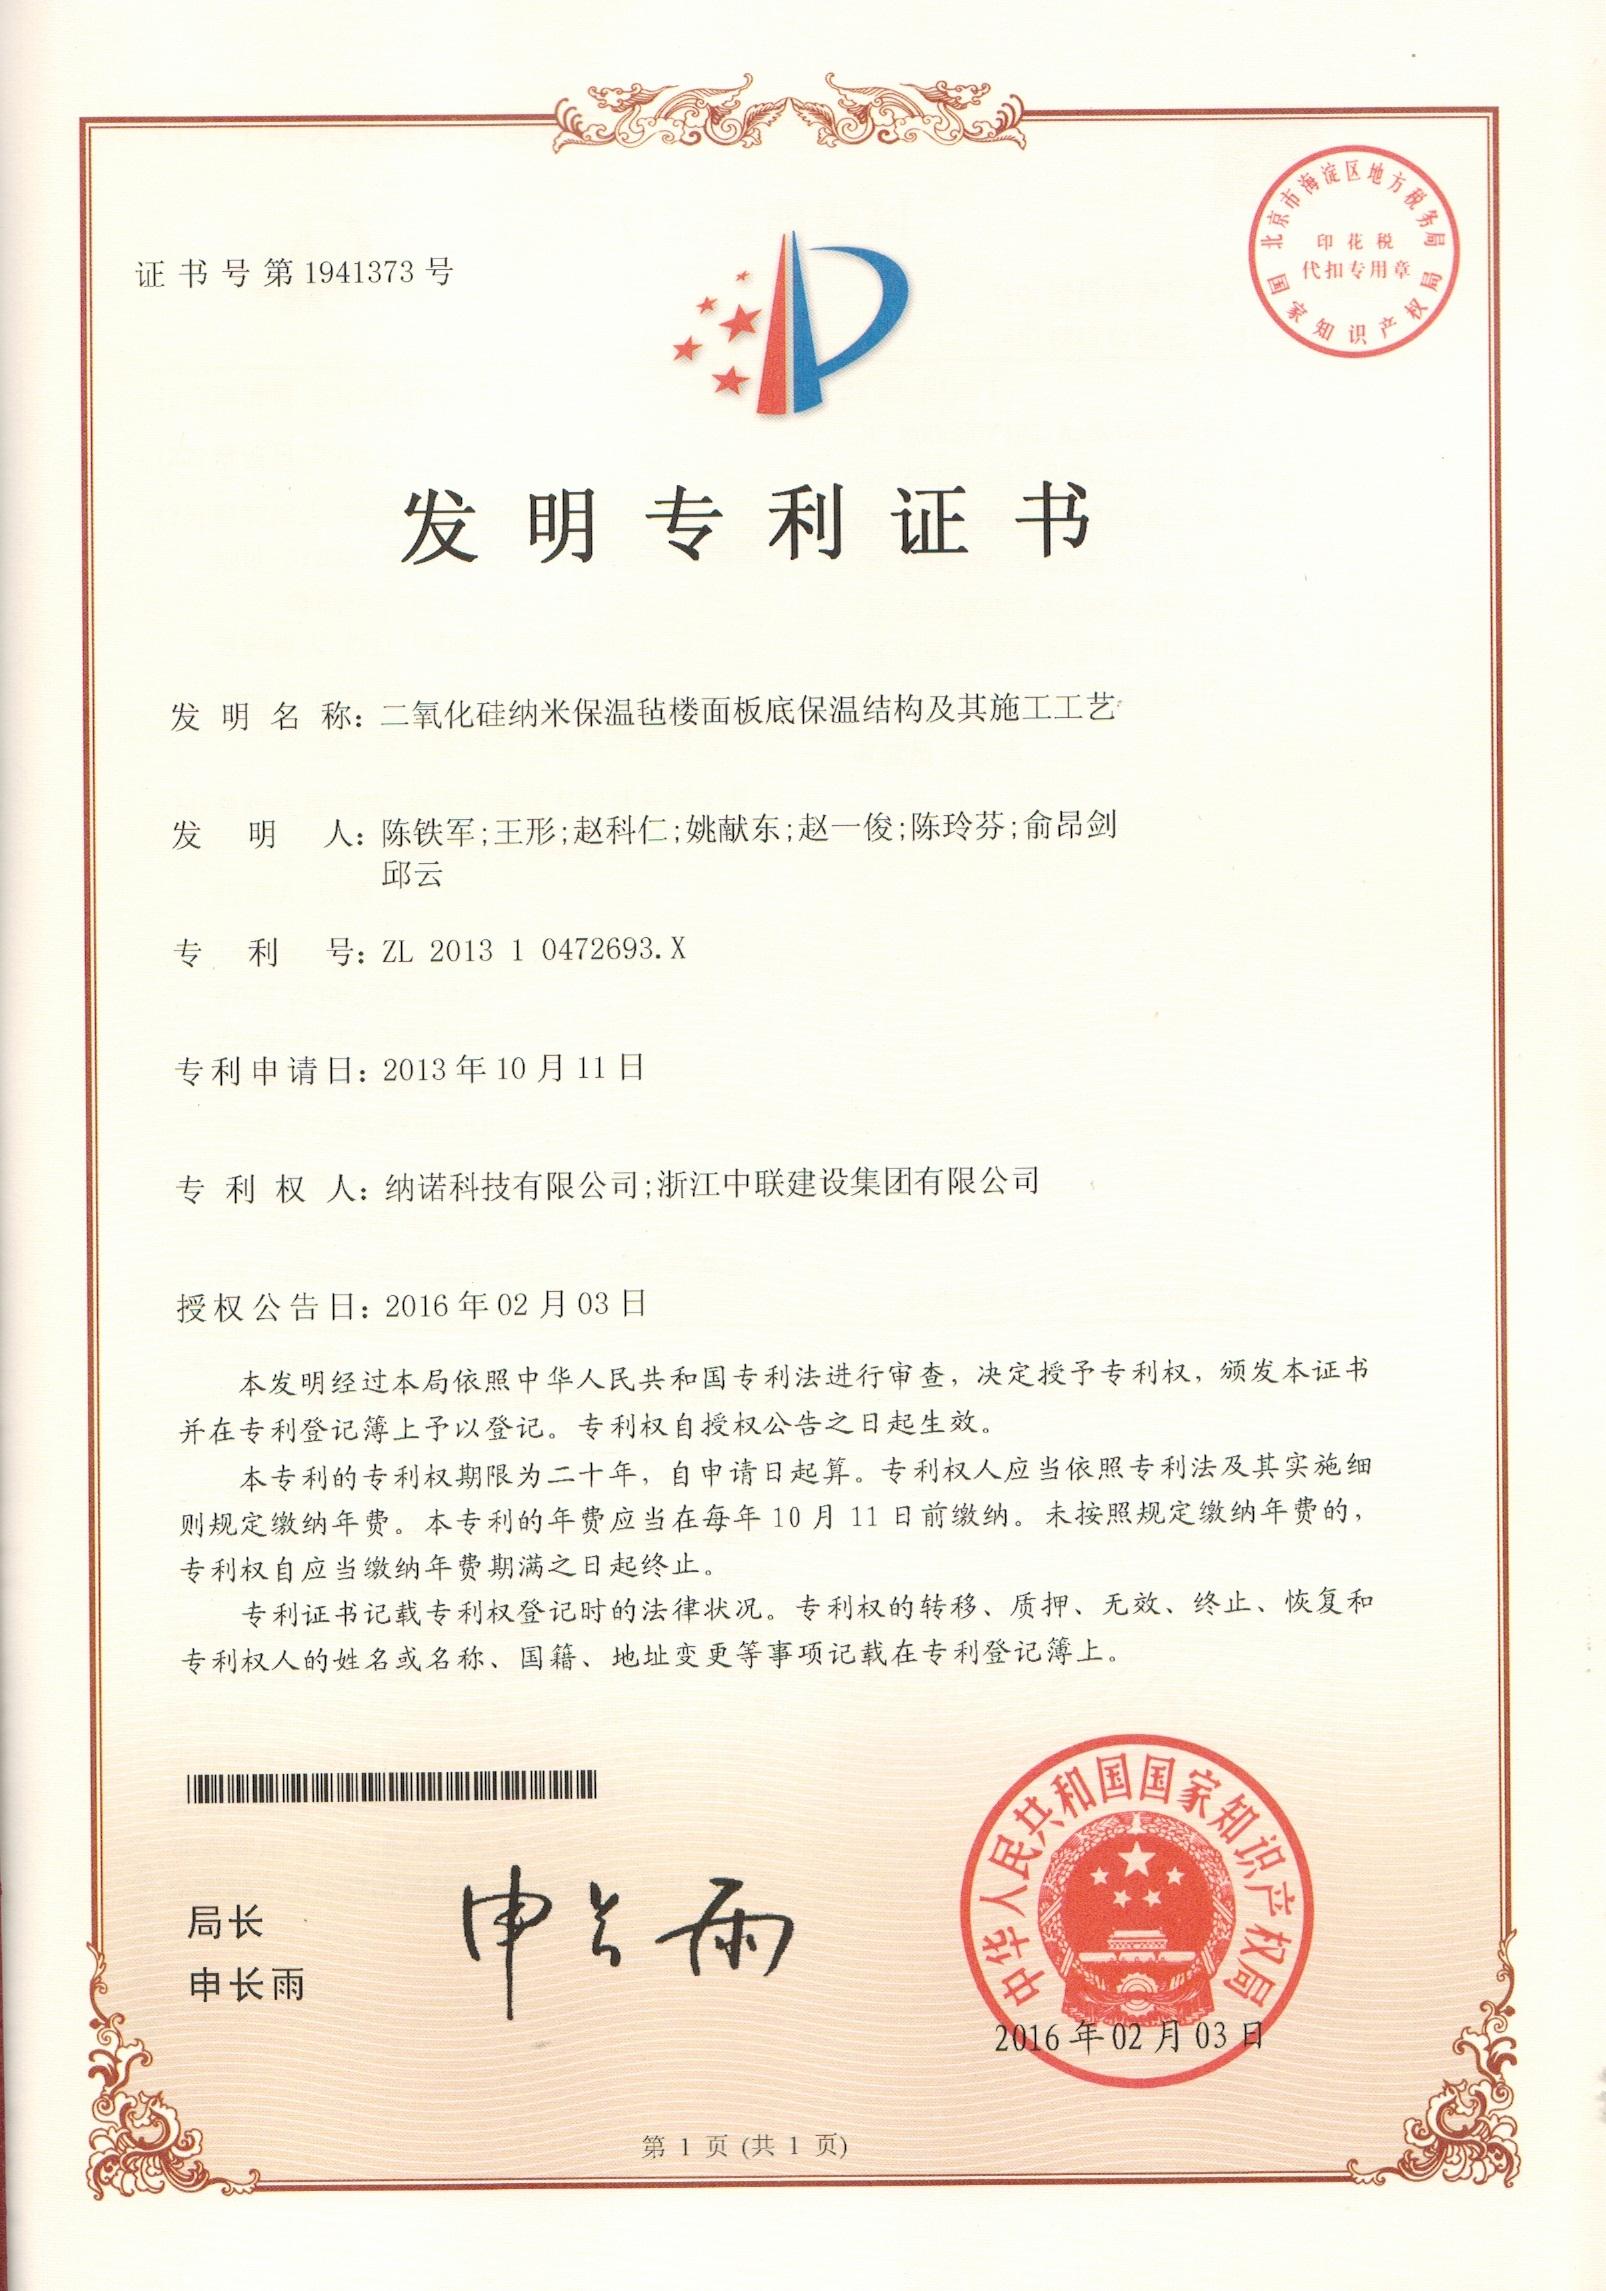 發明專利--二氧化硅納米保溫氈樓面板底保溫結構及其施工工藝